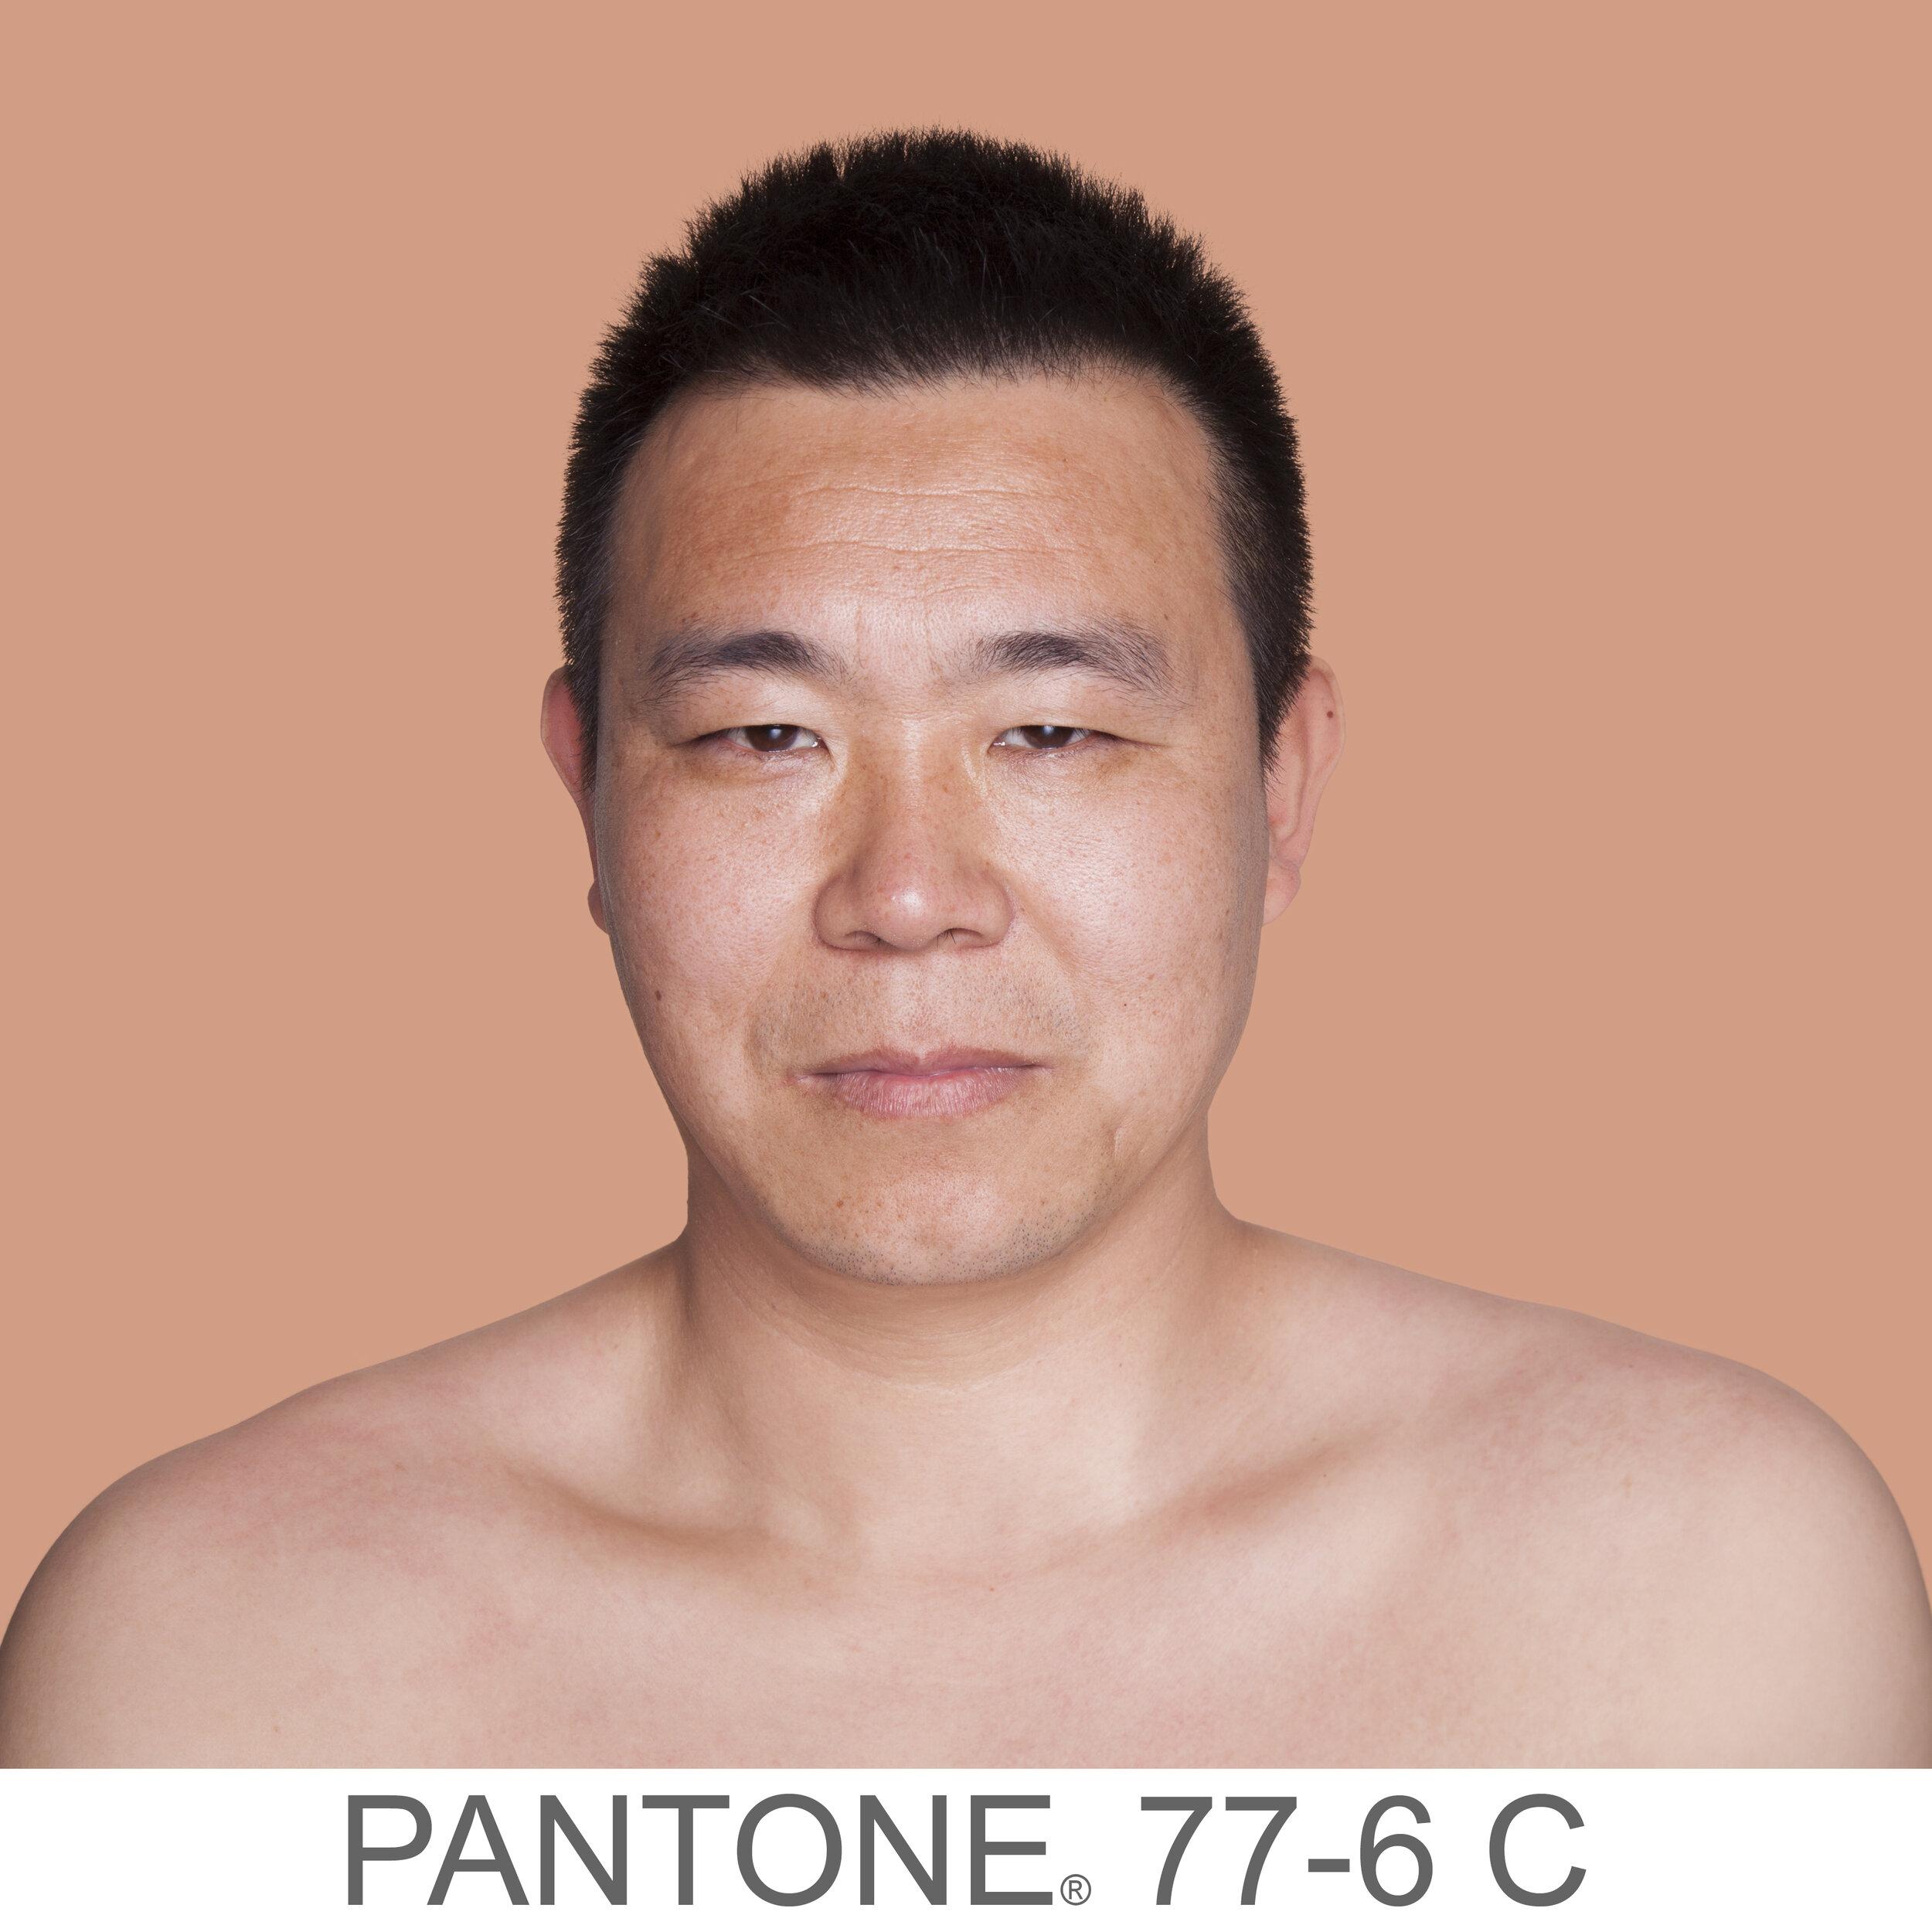 humanae 77-6 C3 CN copia.jpg